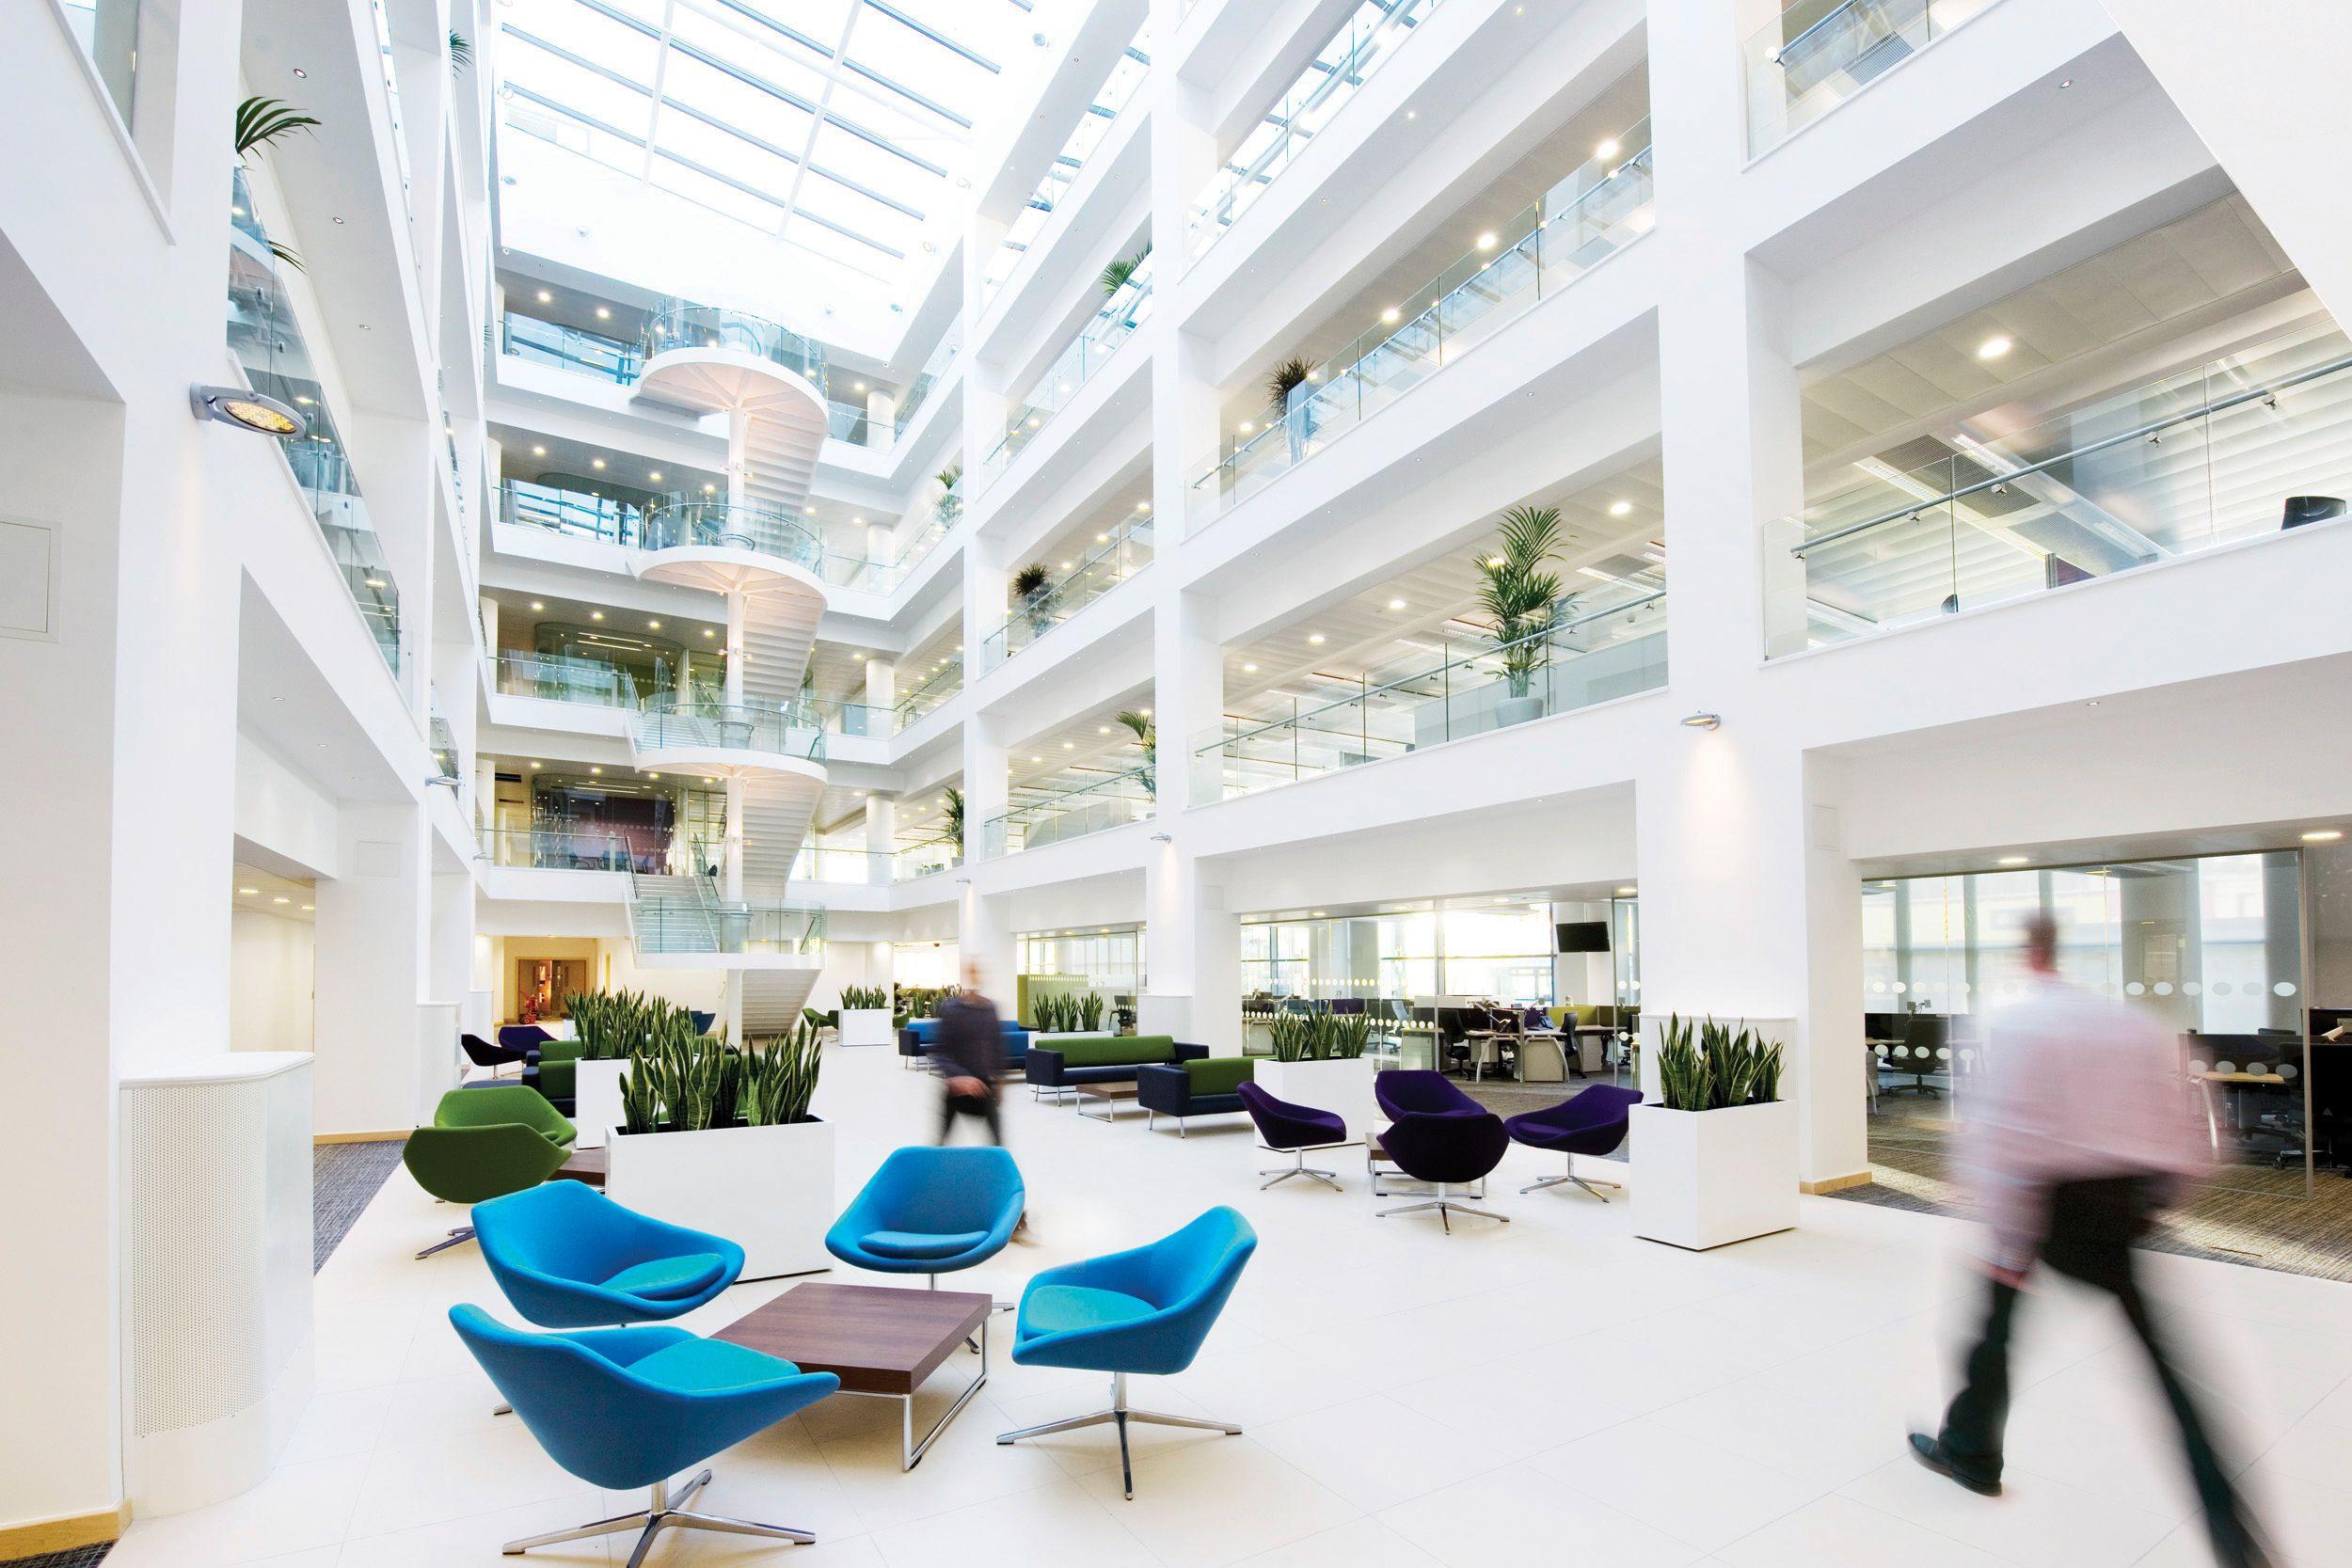 atrium eoffice HL-office-atrium.jpg (2500×1667) | Atrium | Pinterest | Office ...